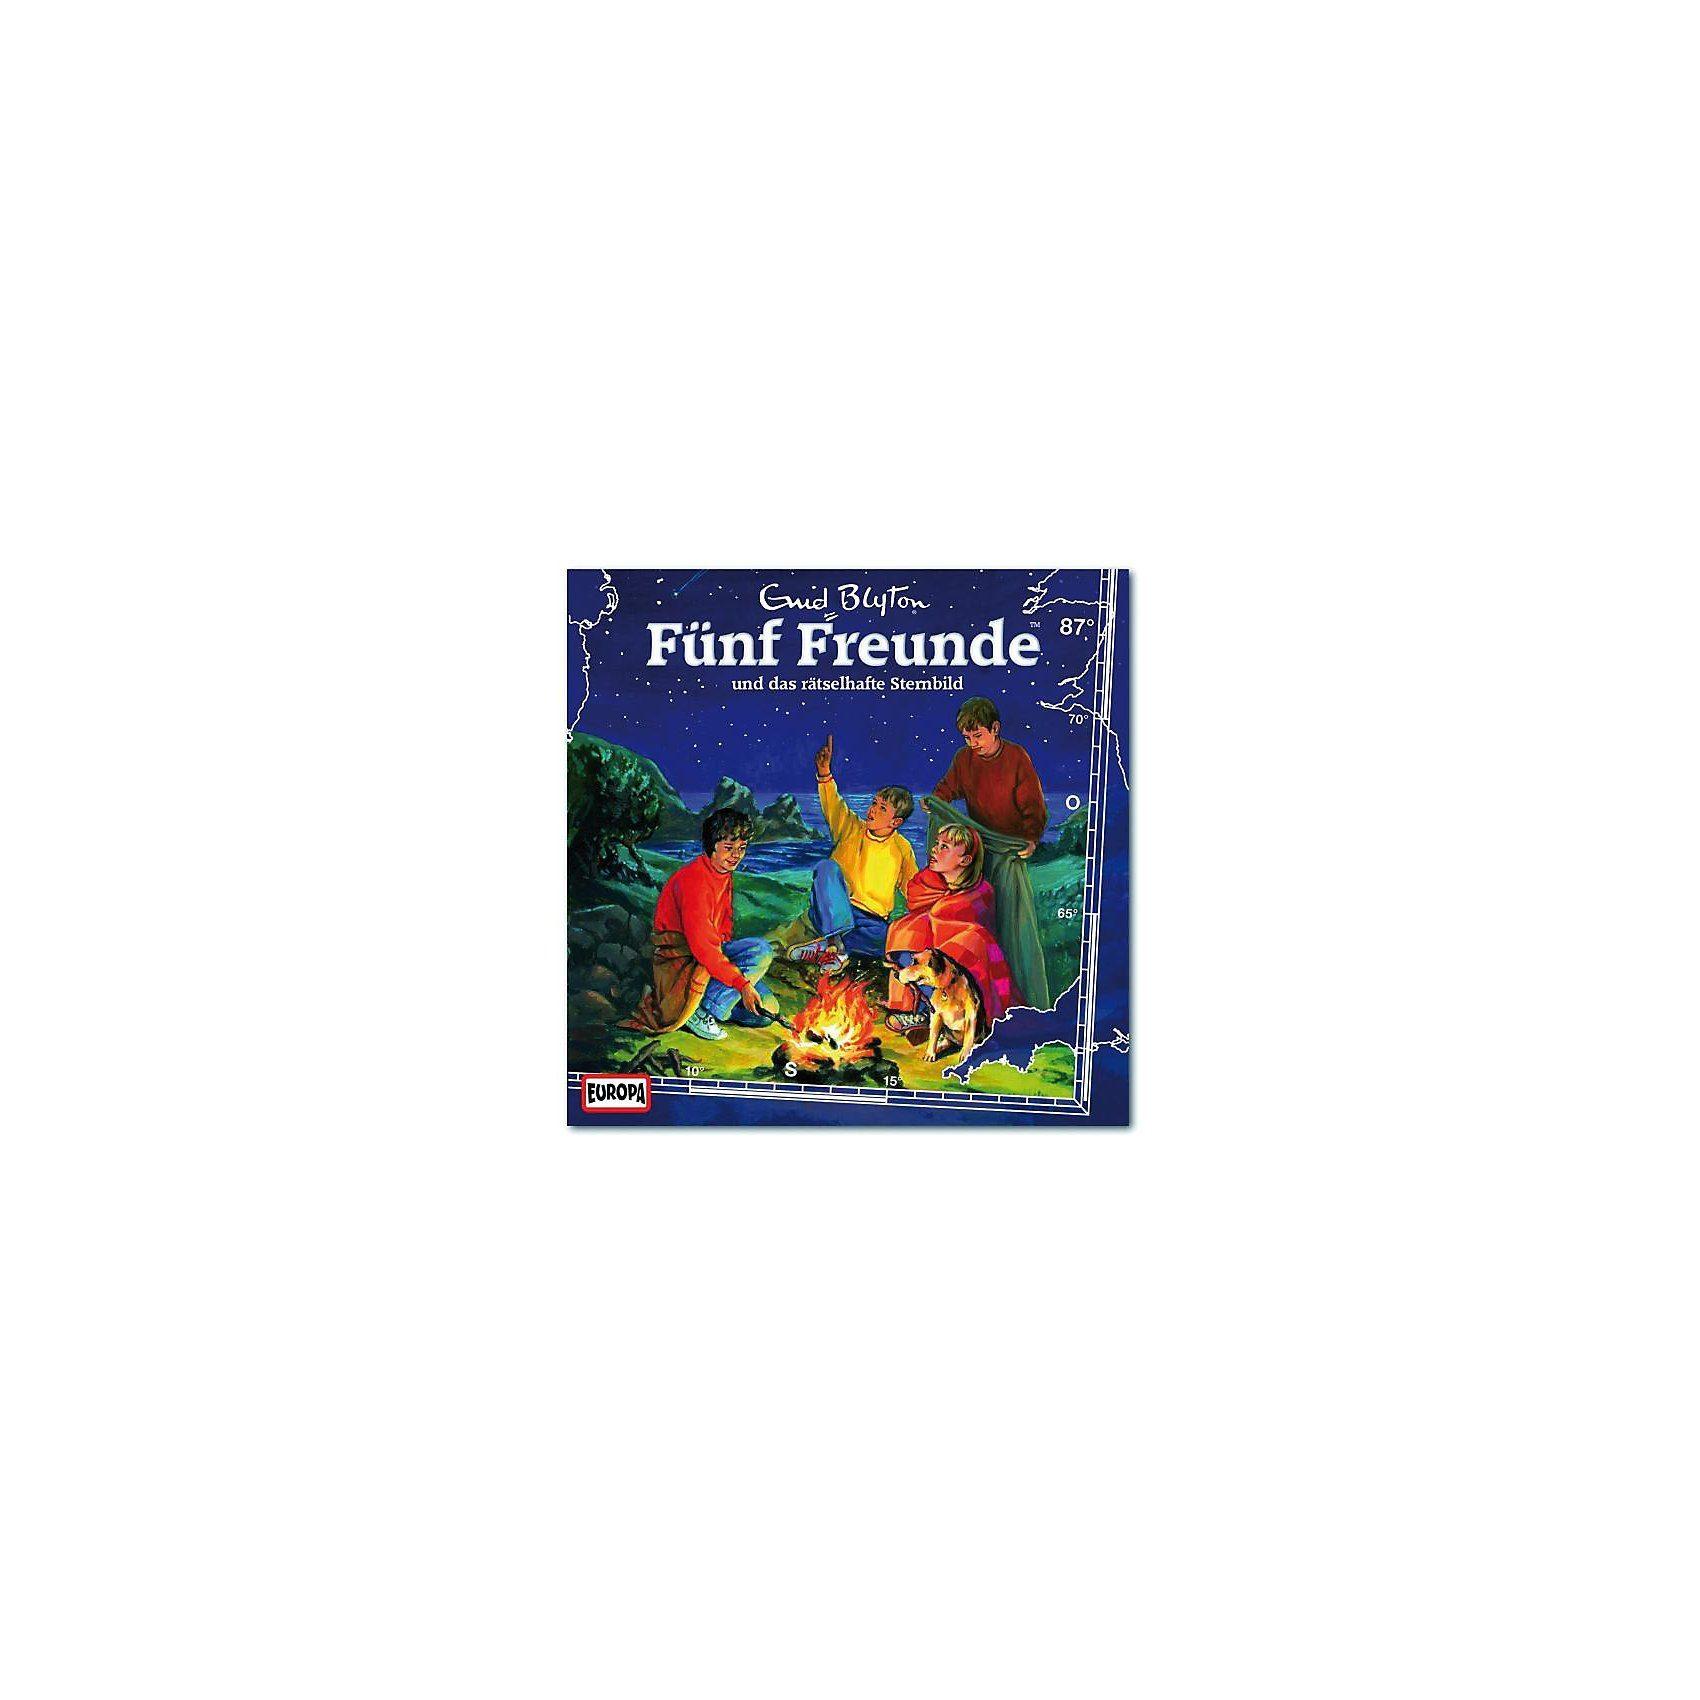 Sony CD Fünf Freunde 87 - und das rätselhafte Sternbild